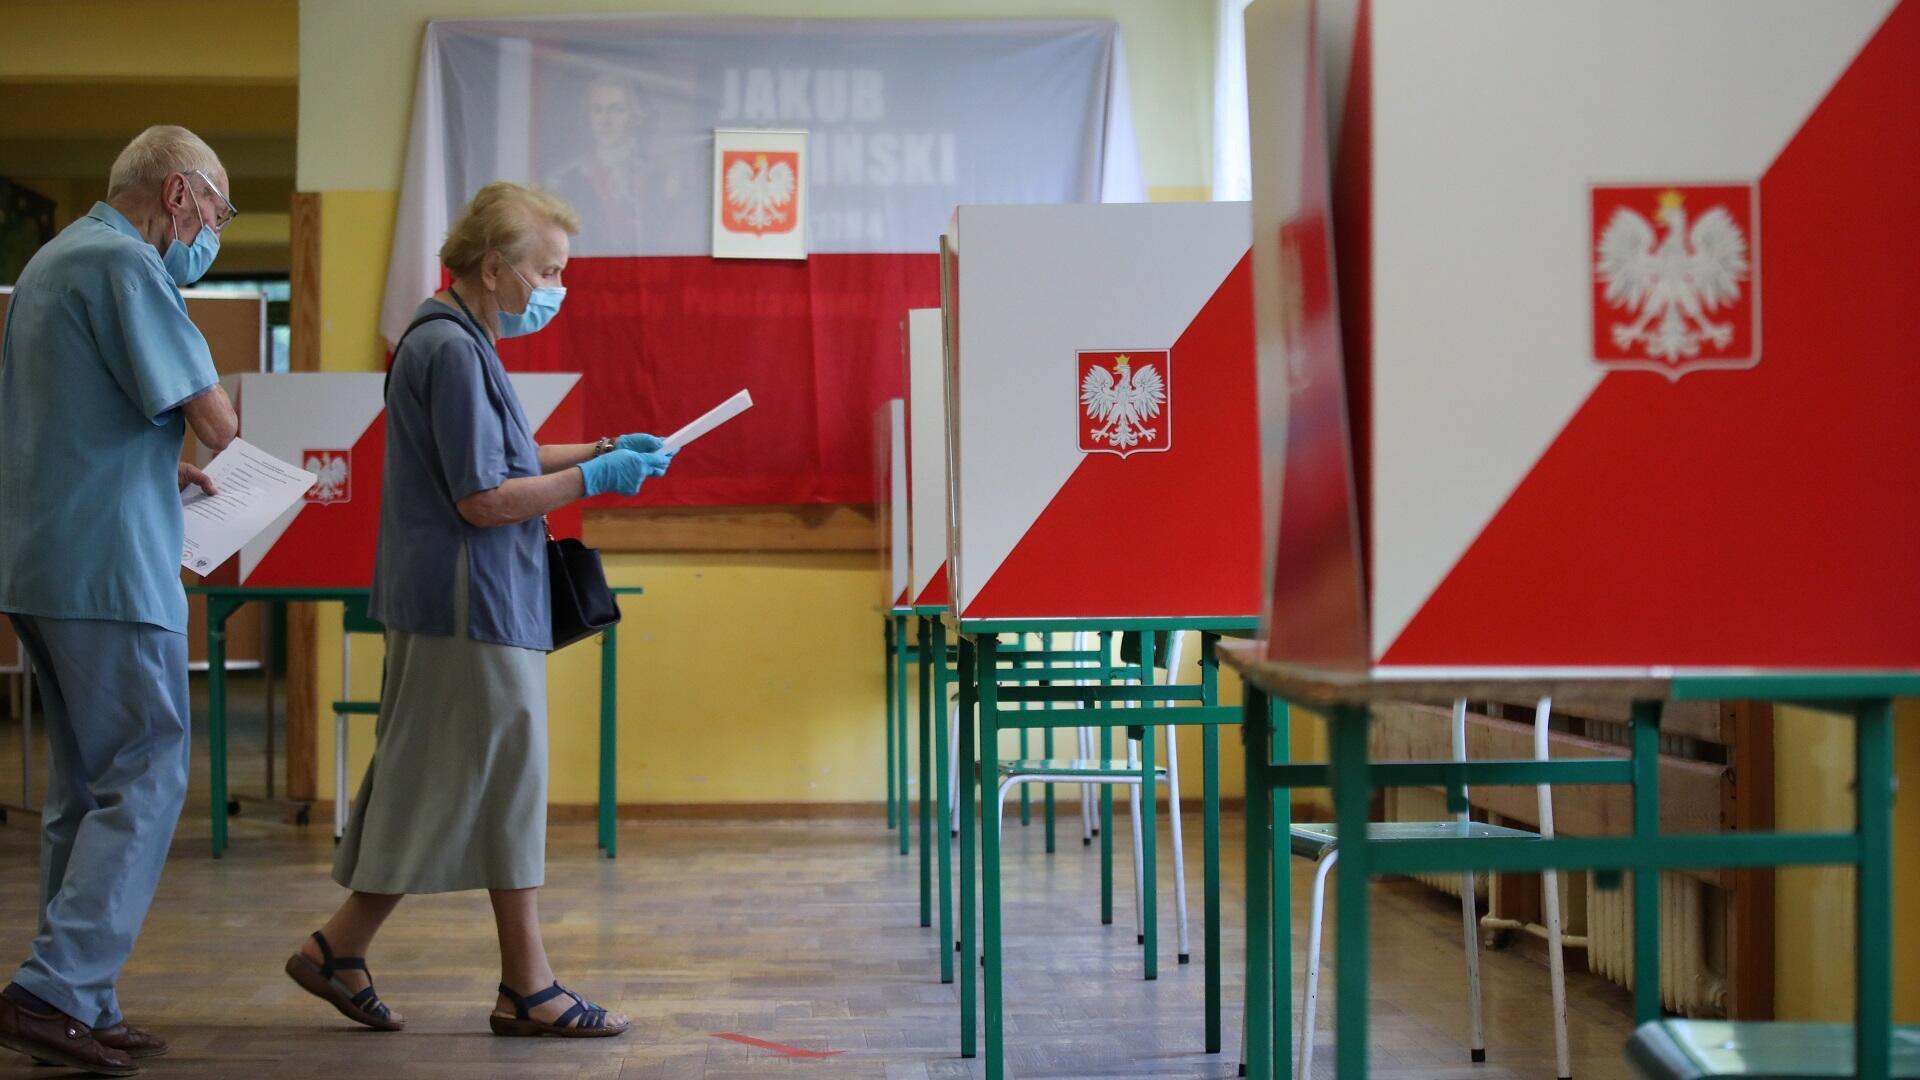 بولنديان يرتديان قناعين طبيين للوقاية من فيروس كورونا يدليان بصوتيهما في الدورة الأولى من الانتخابات الرئاسية، 28 يونيو/حزيران 2020.